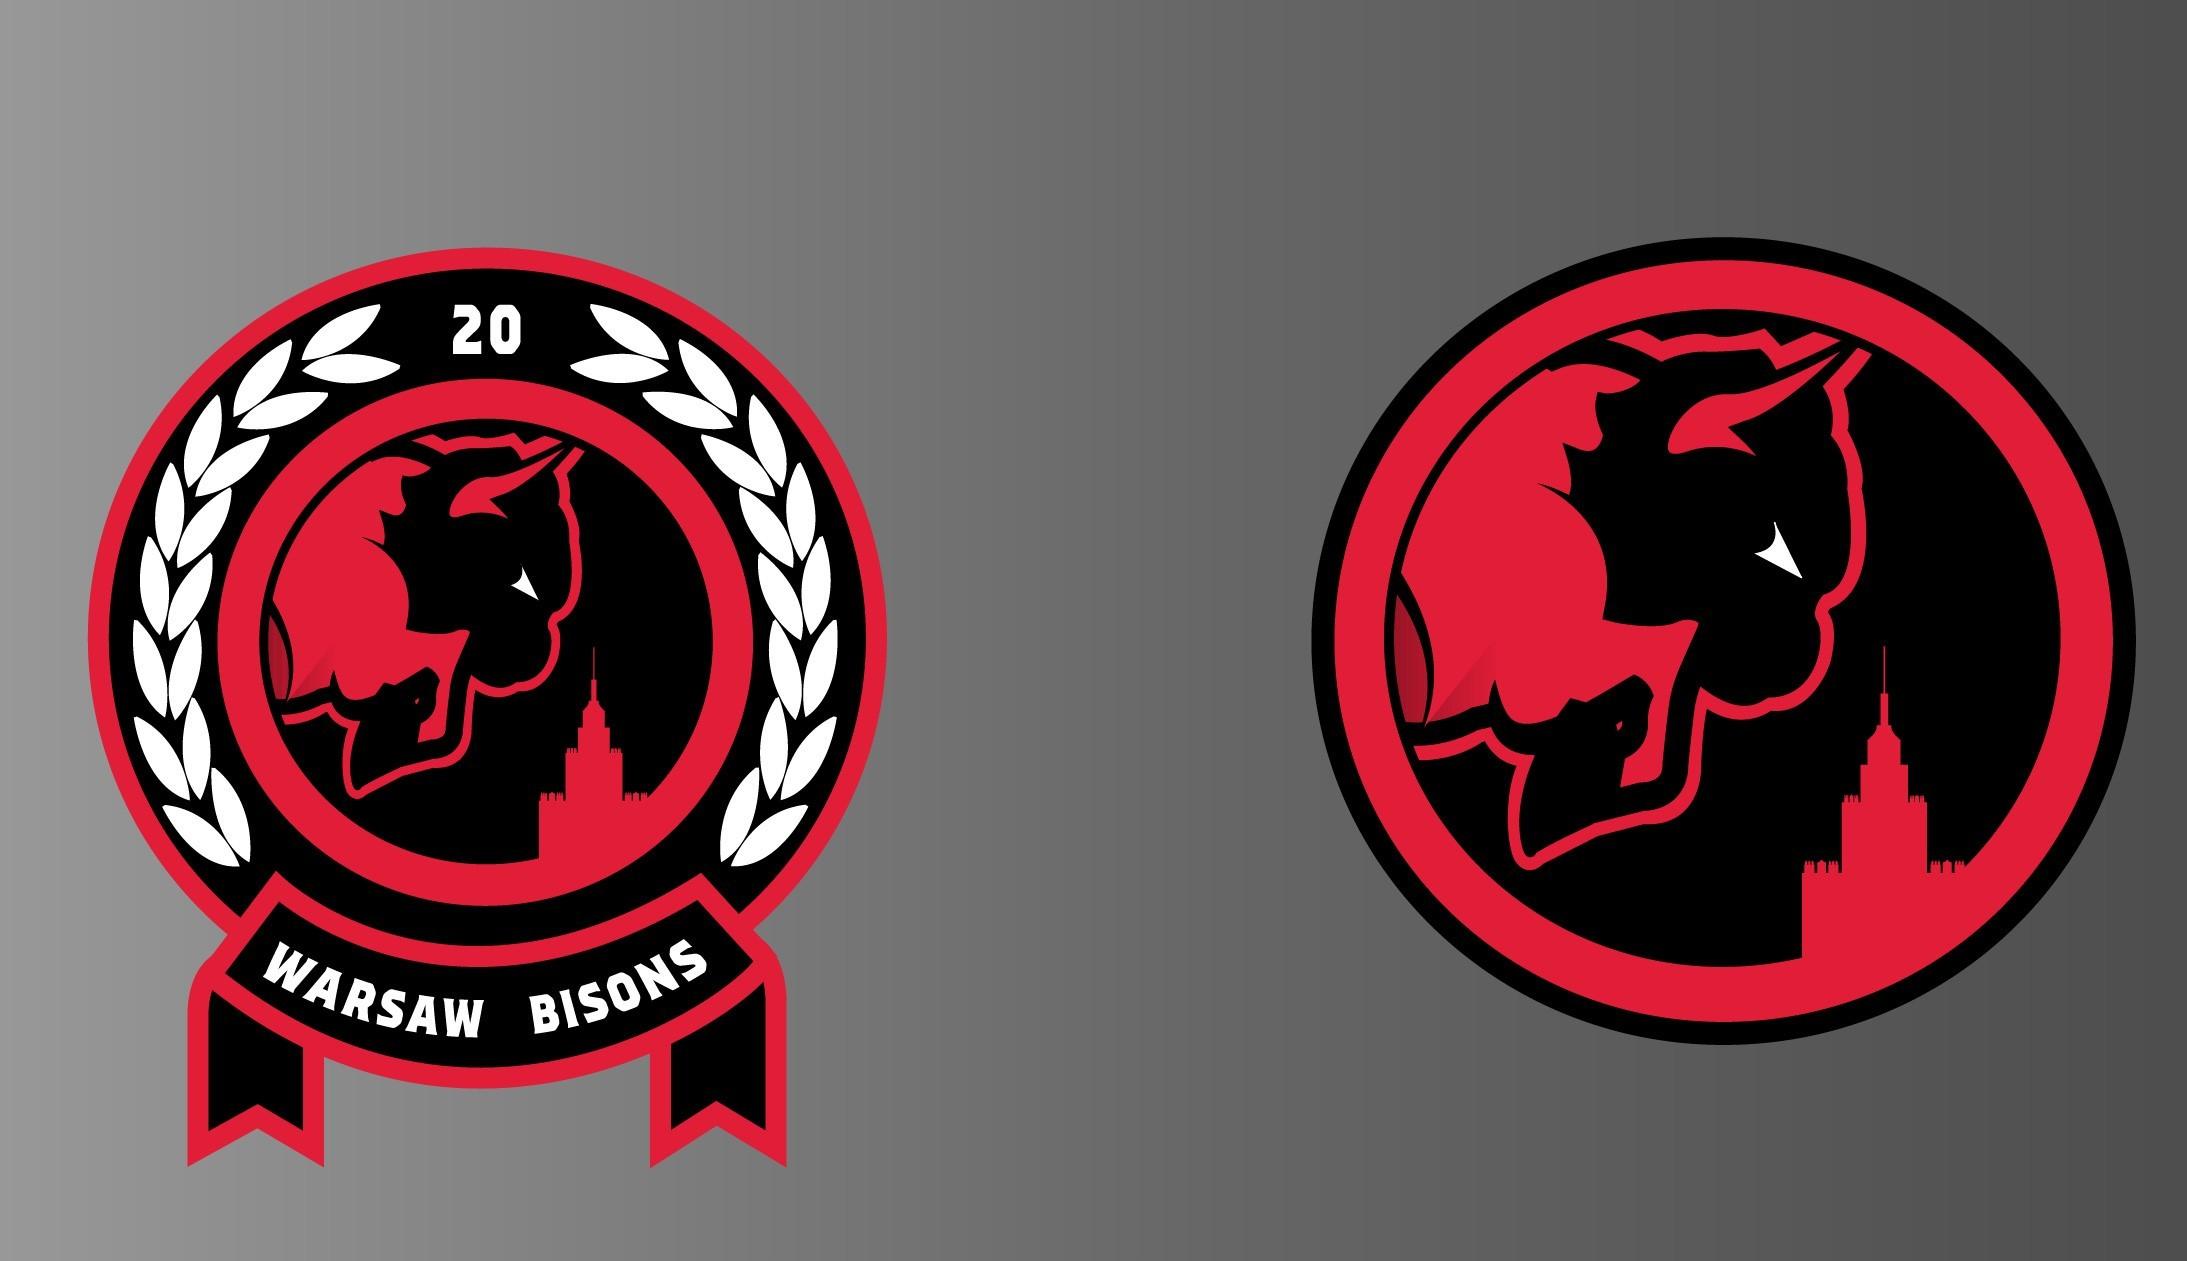 Warsaw Bisons2.jpg